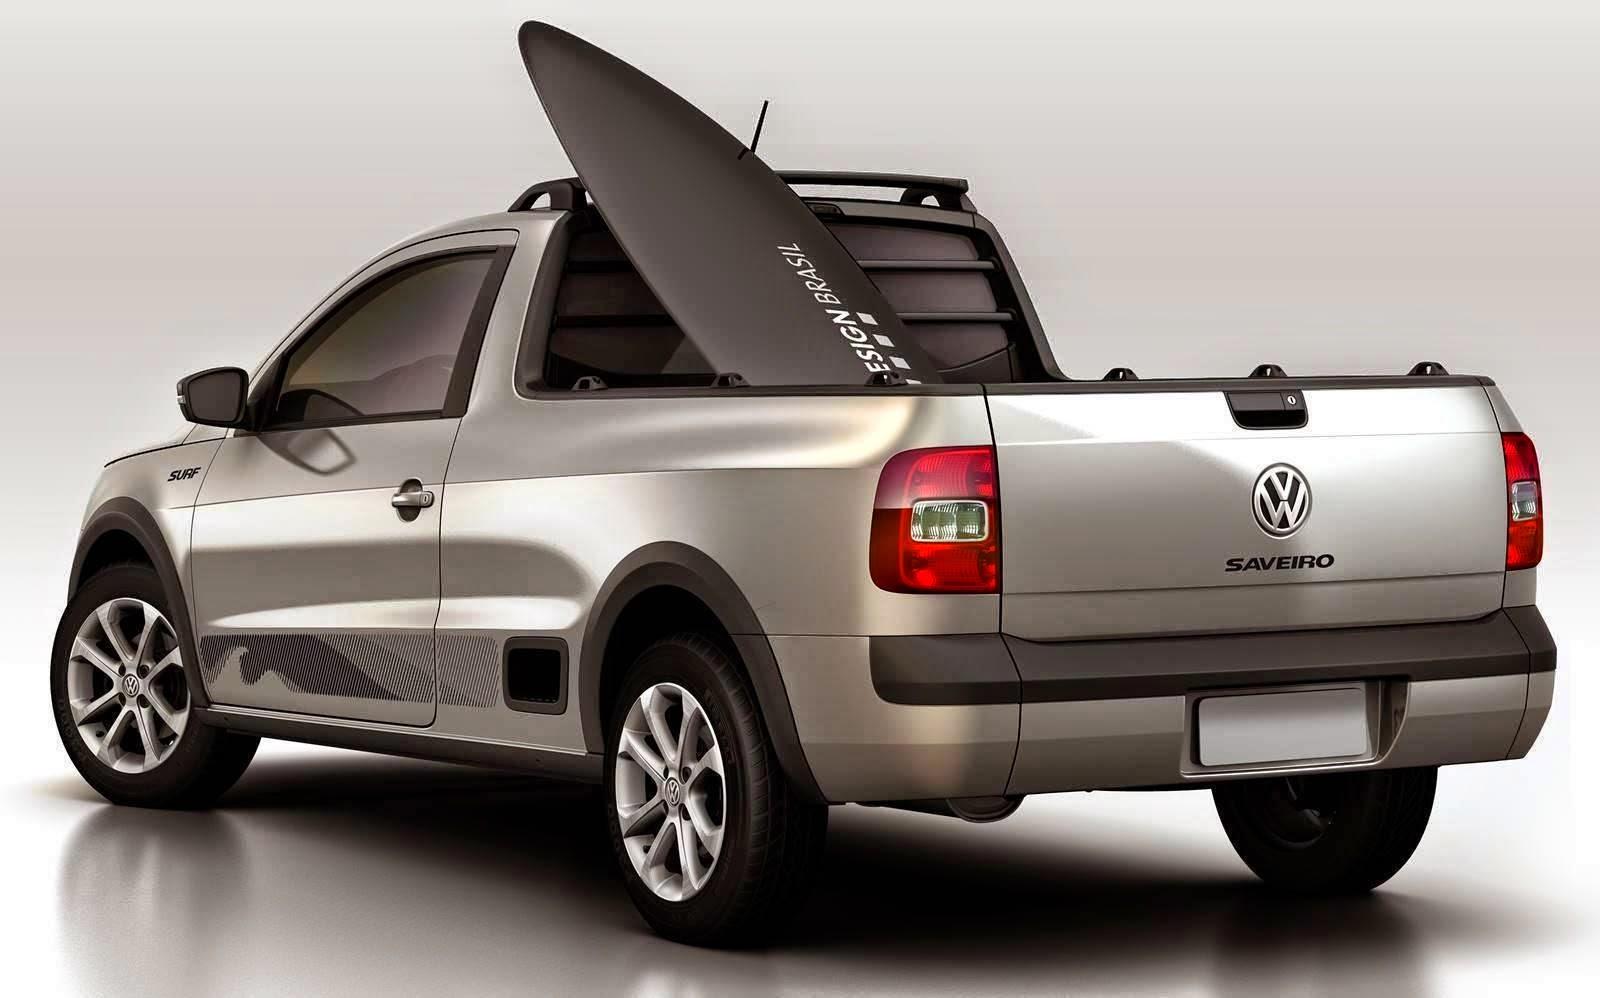 Volkswagen Saveiro Surf